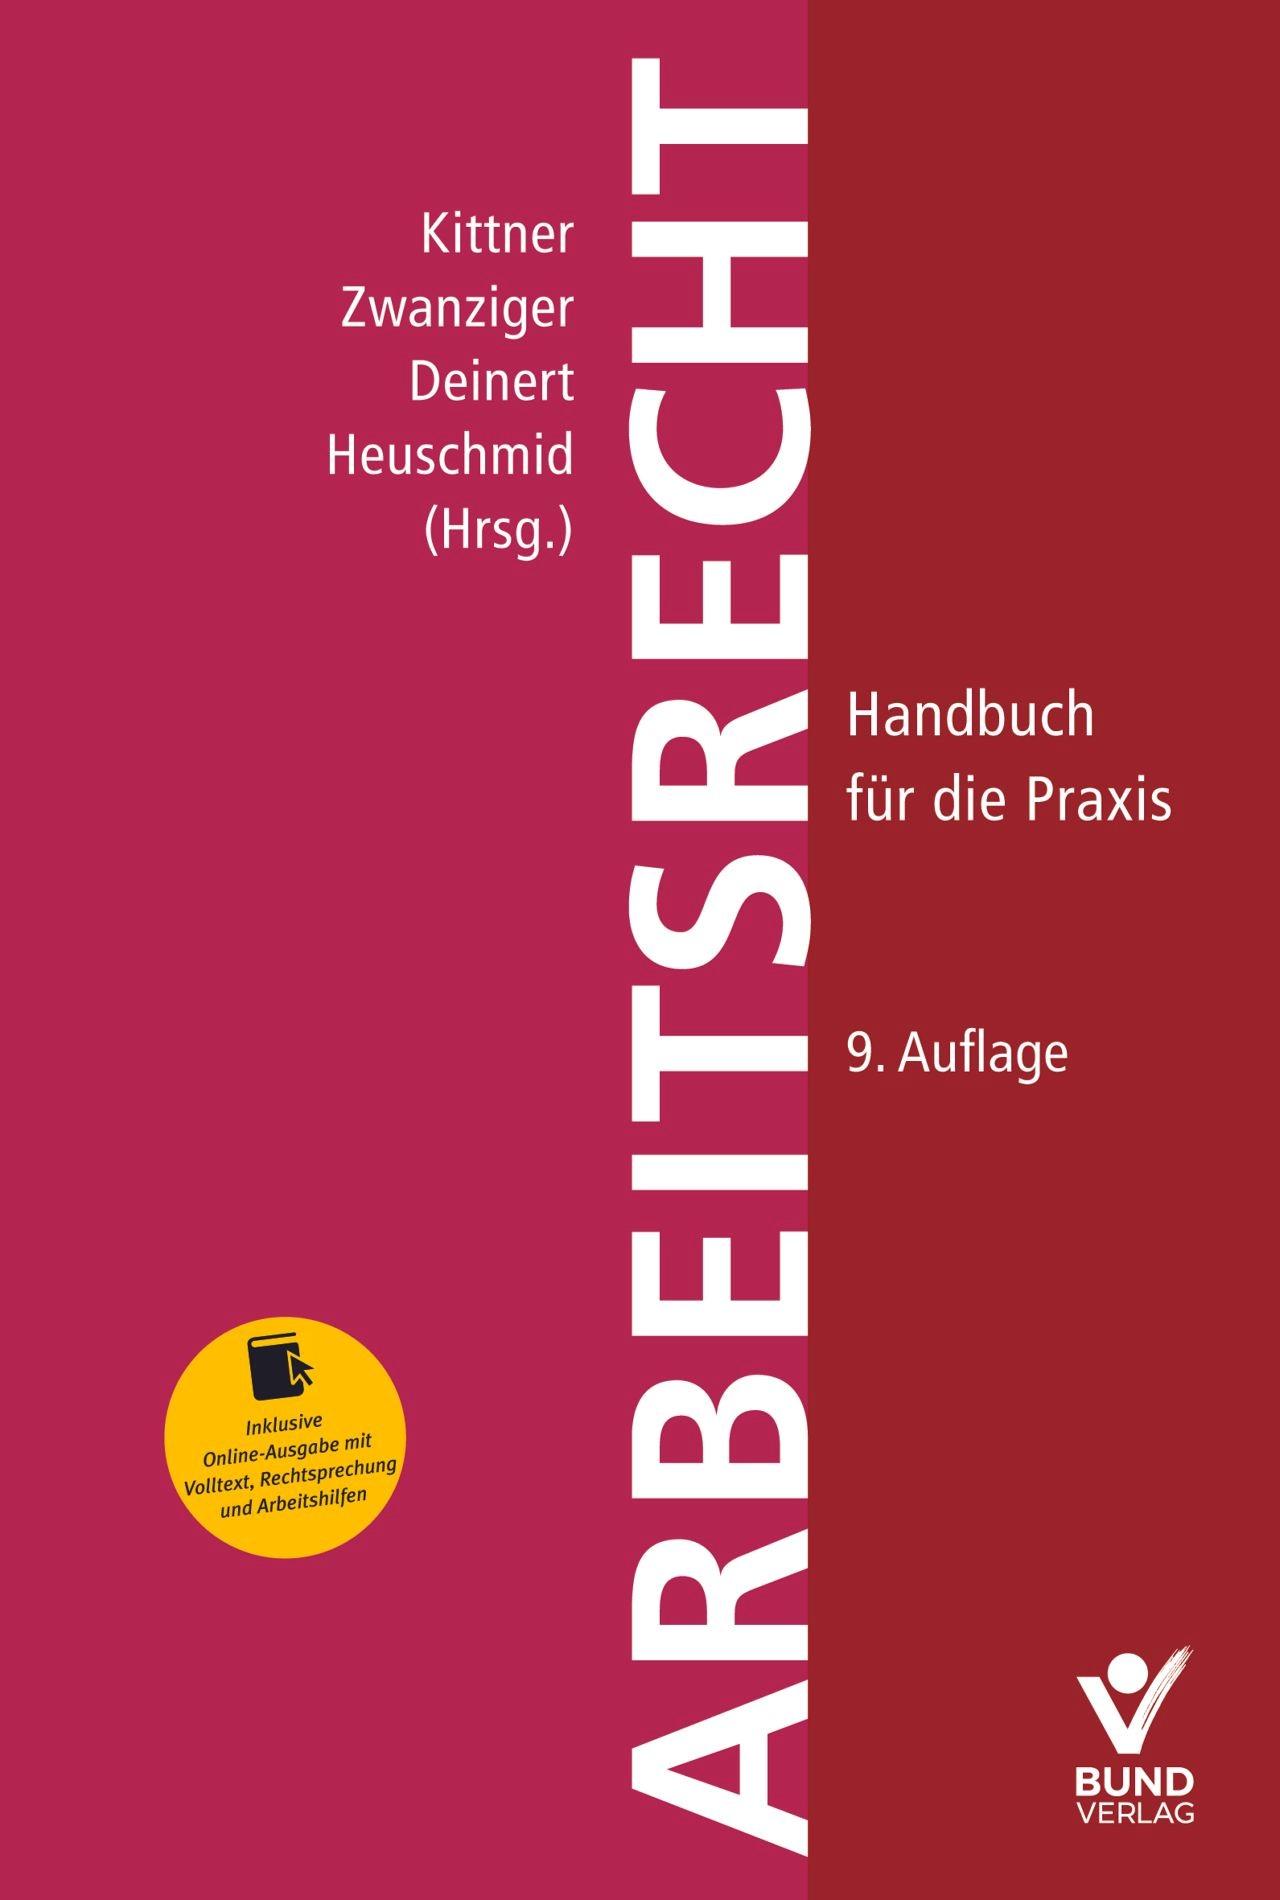 Arbeitsrecht | Kittner / Zwanziger / Deinert / Heuschmid (Hrsg.) (Cover)